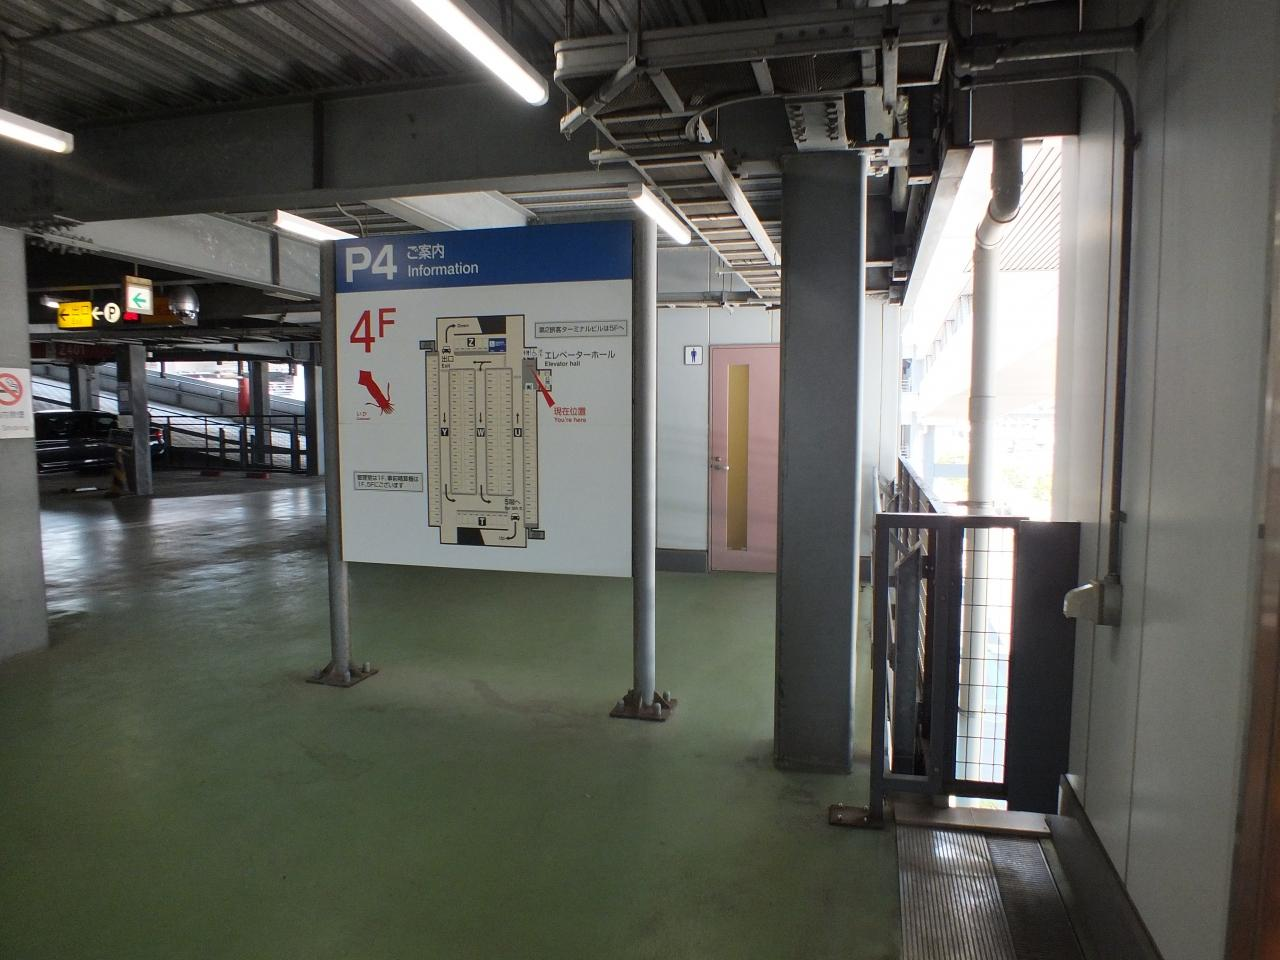 羽田 空港 駐 車場 駐車場 アクセス 羽田空港旅客ターミナル